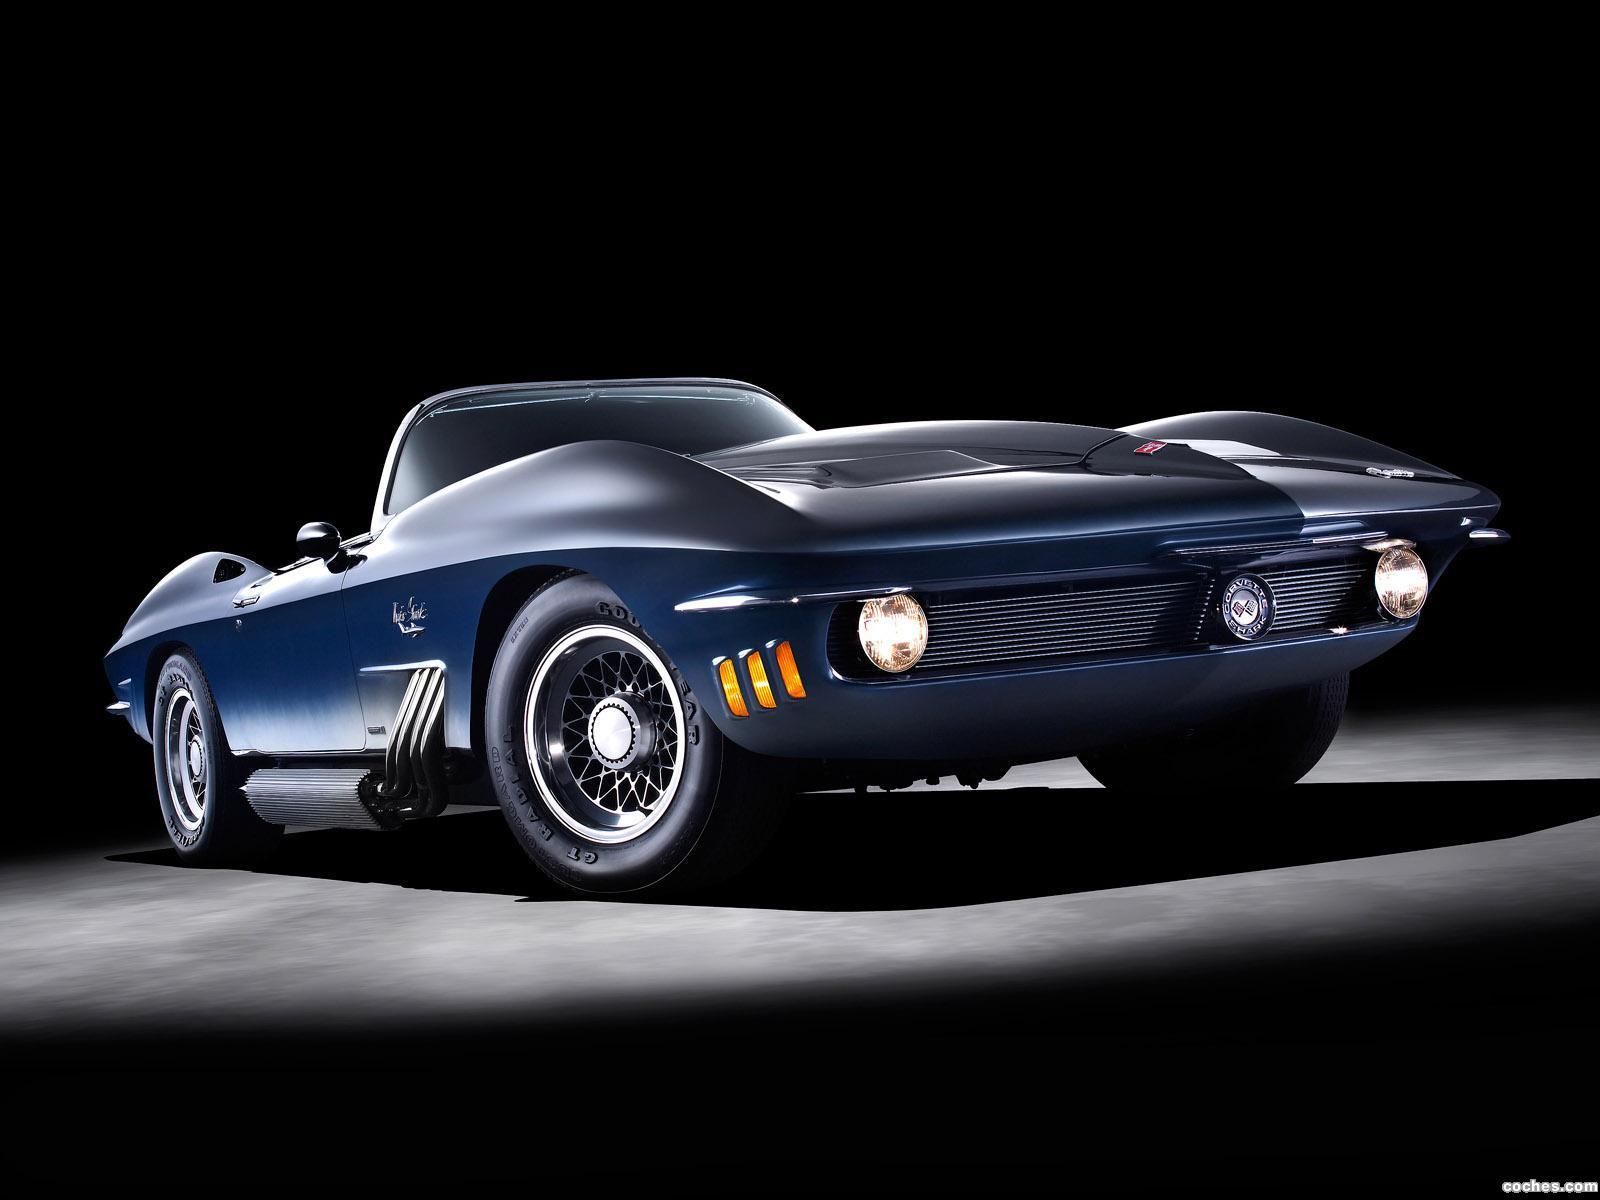 Foto 0 de Chevrolet Corvette Mako Shark Concept Car 1962